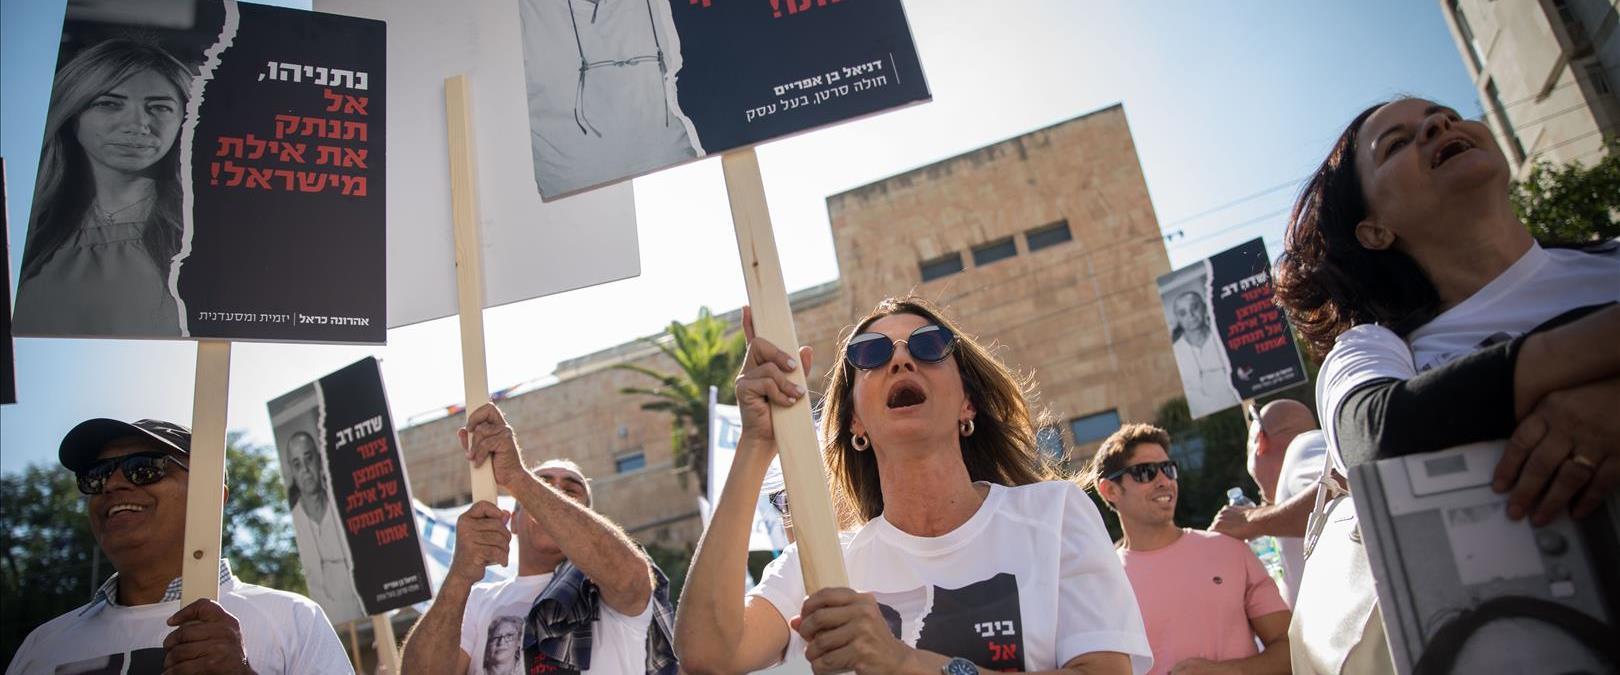 הפגנות נגד סגירת השדה בתל אביב